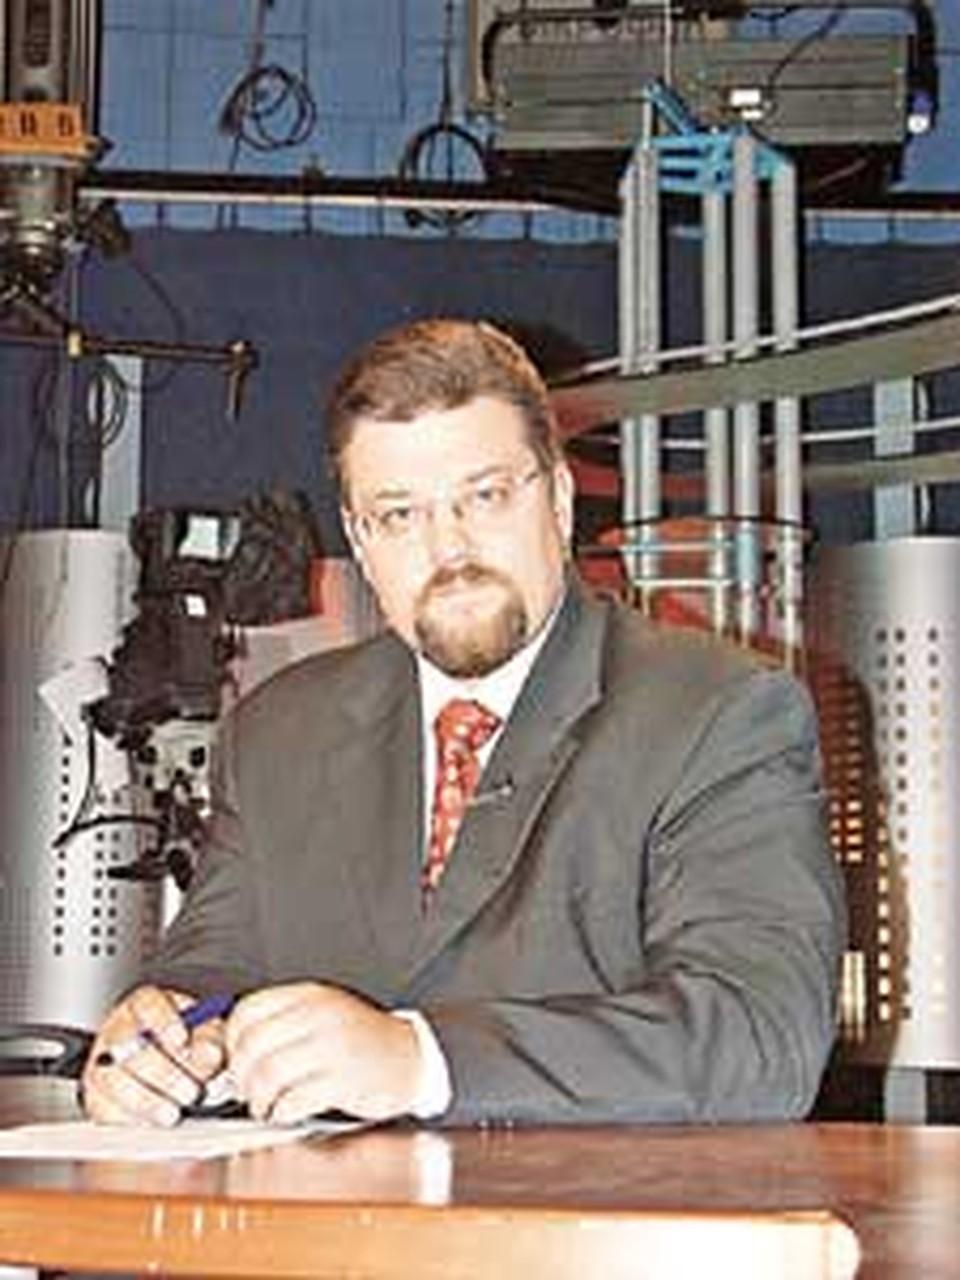 Ведущий «Главной темы» Андрей Добров называет себя абсолютно счастливым журналистом.